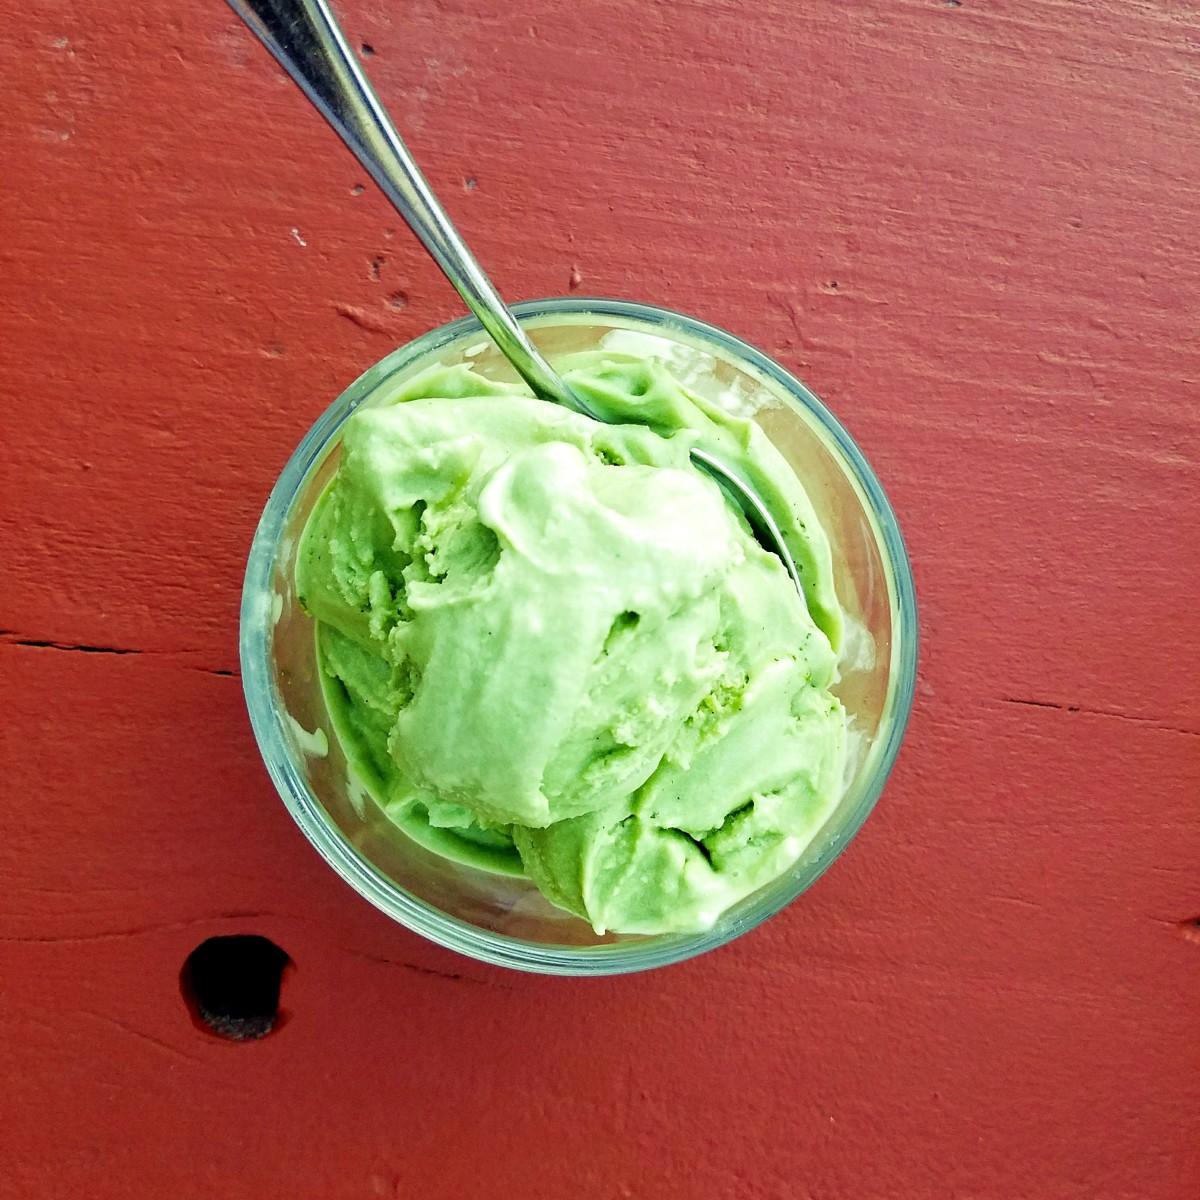 My homemade pistachio gelato